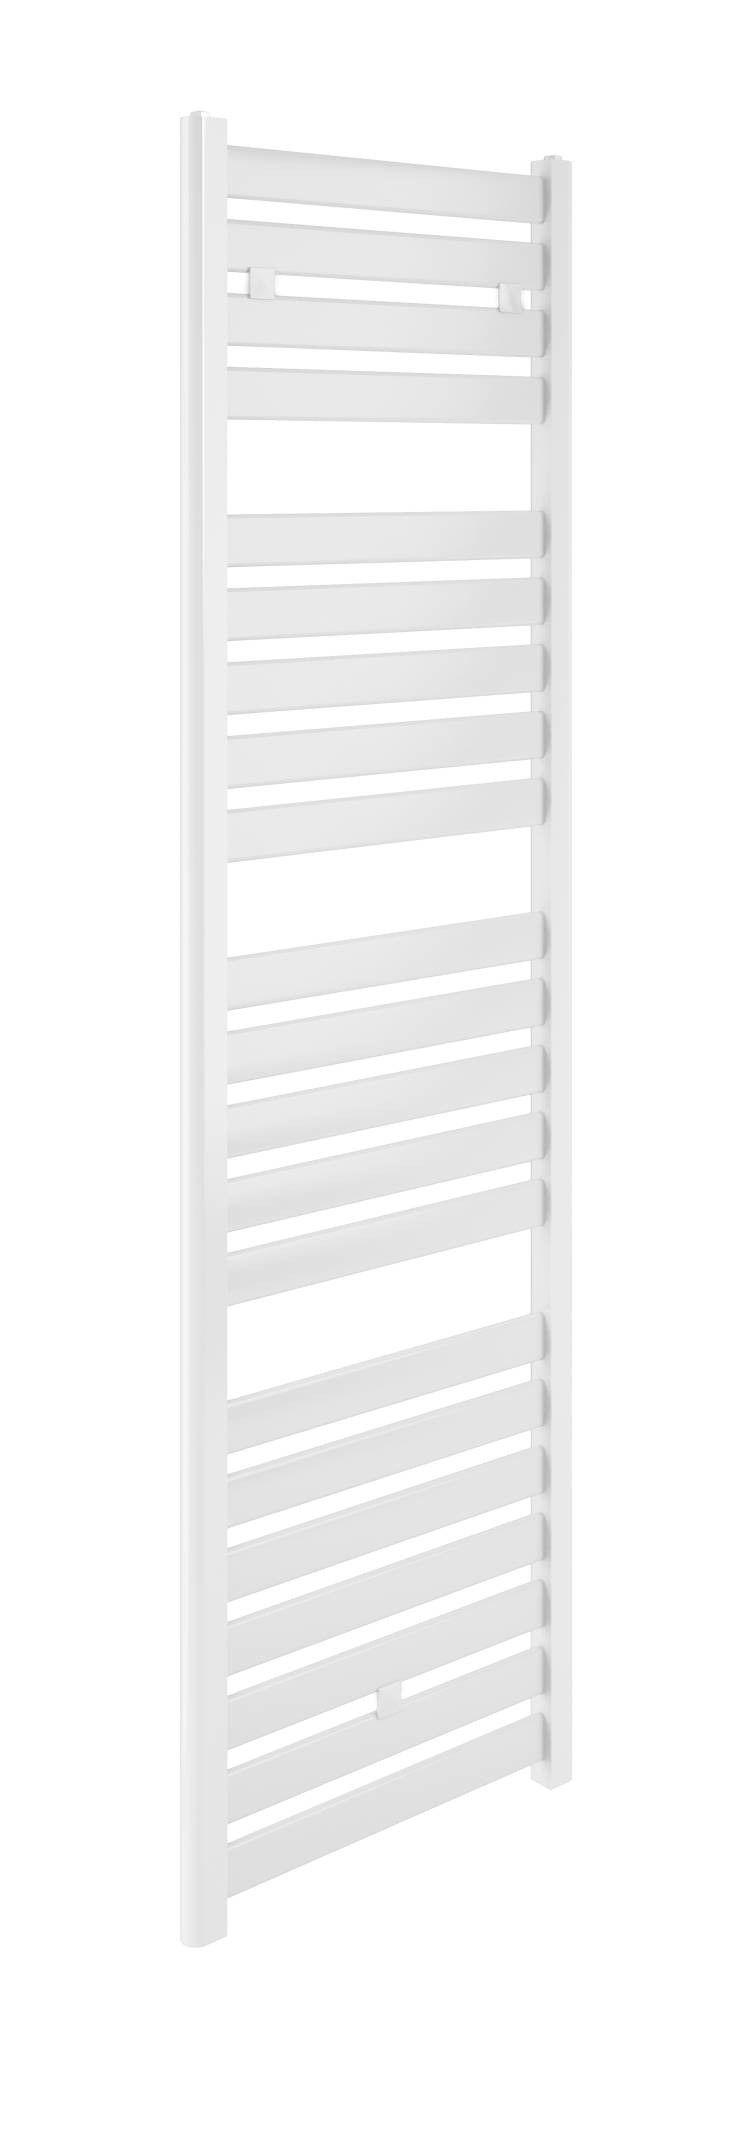 Badstuber Klagenfurt handdoek radiator 171,5x50cm wit